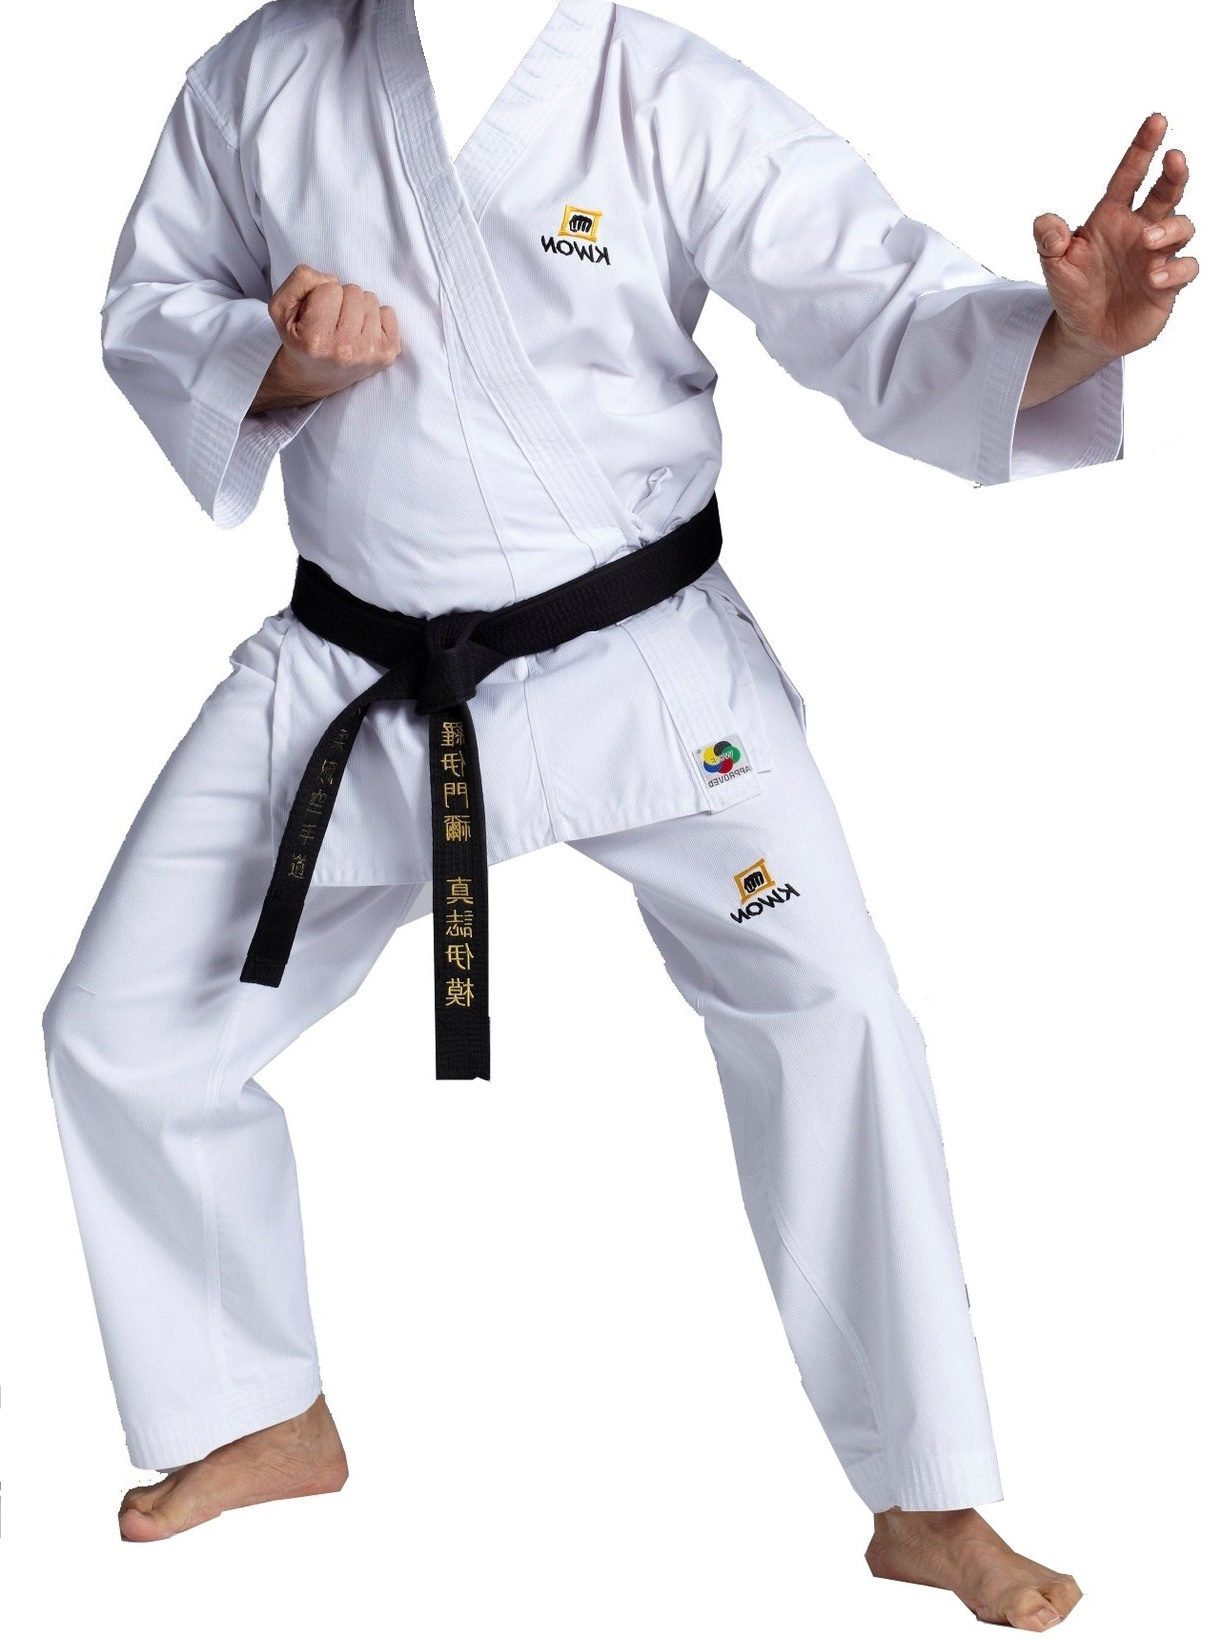 KWON Karateanzug Kinder Gr. 120